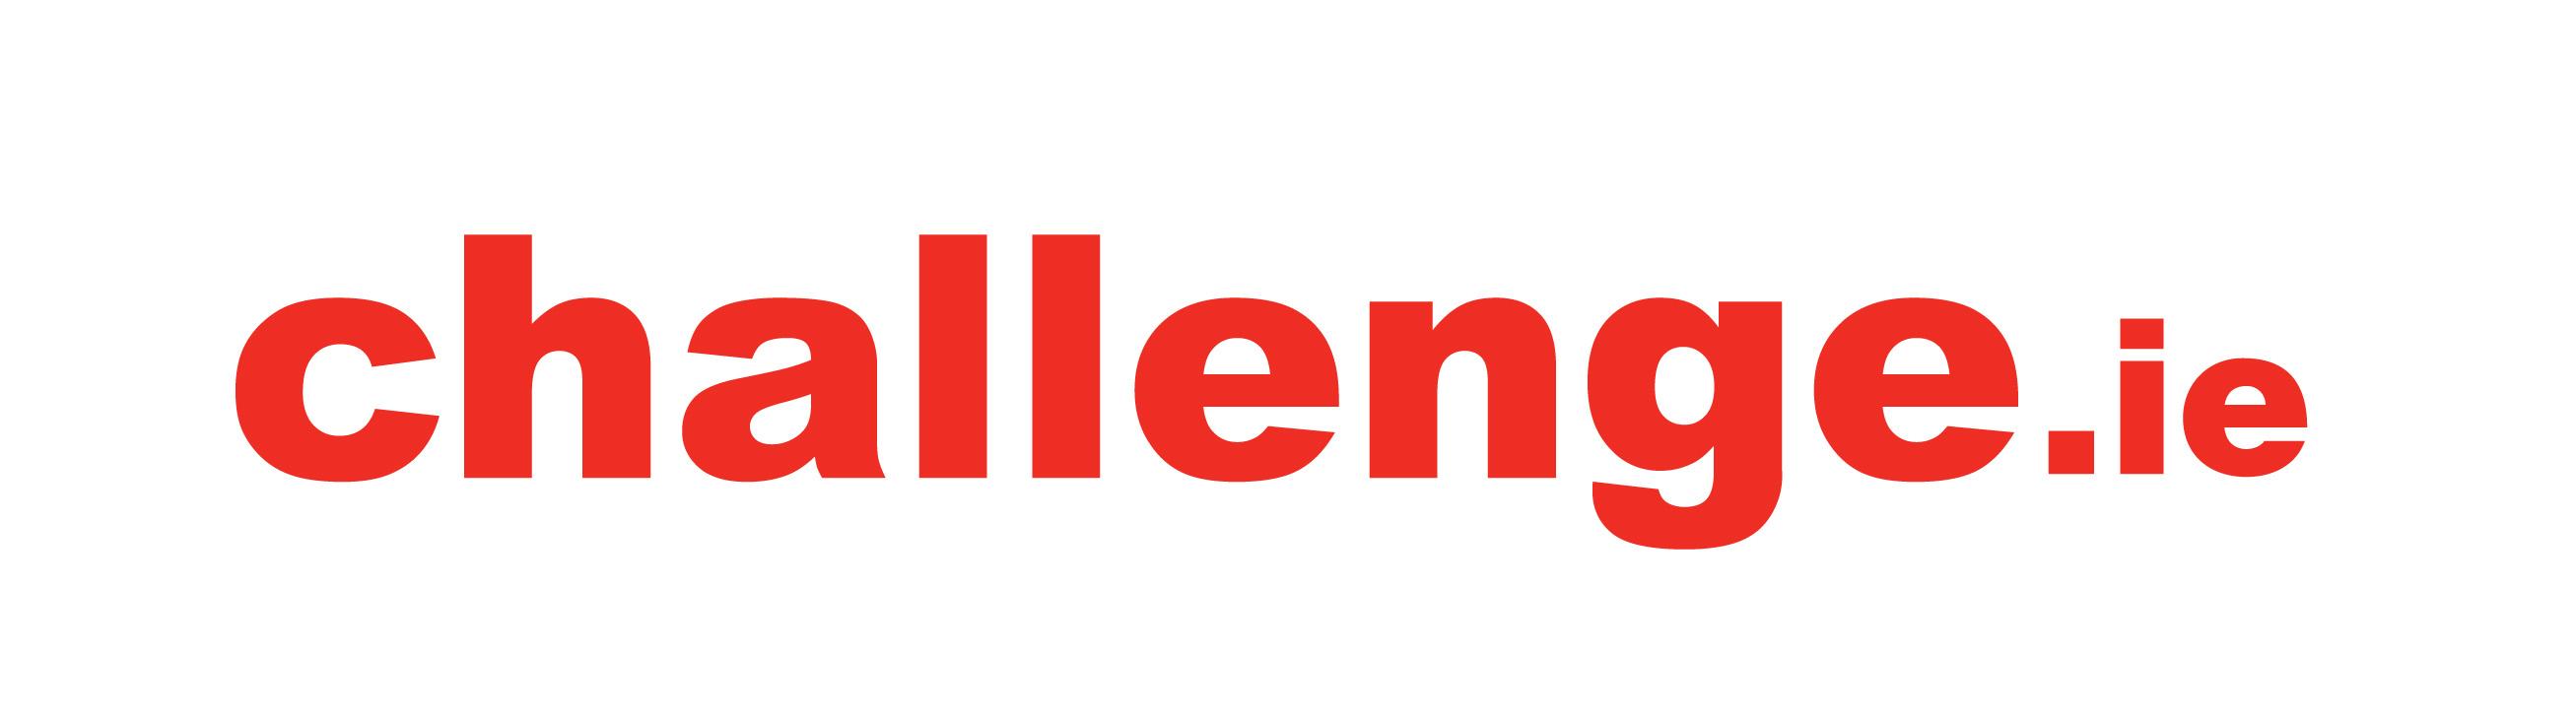 Challenge.ie